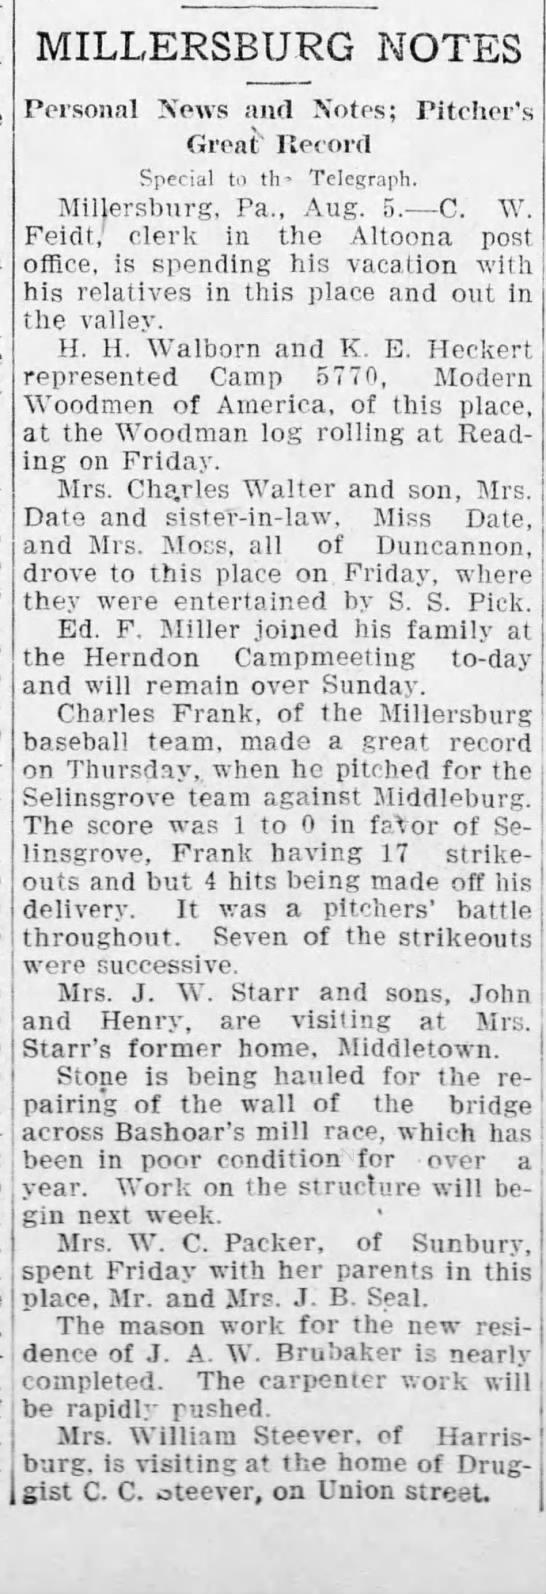 Millersburg Bashoar Mill being repaired. 1905 -